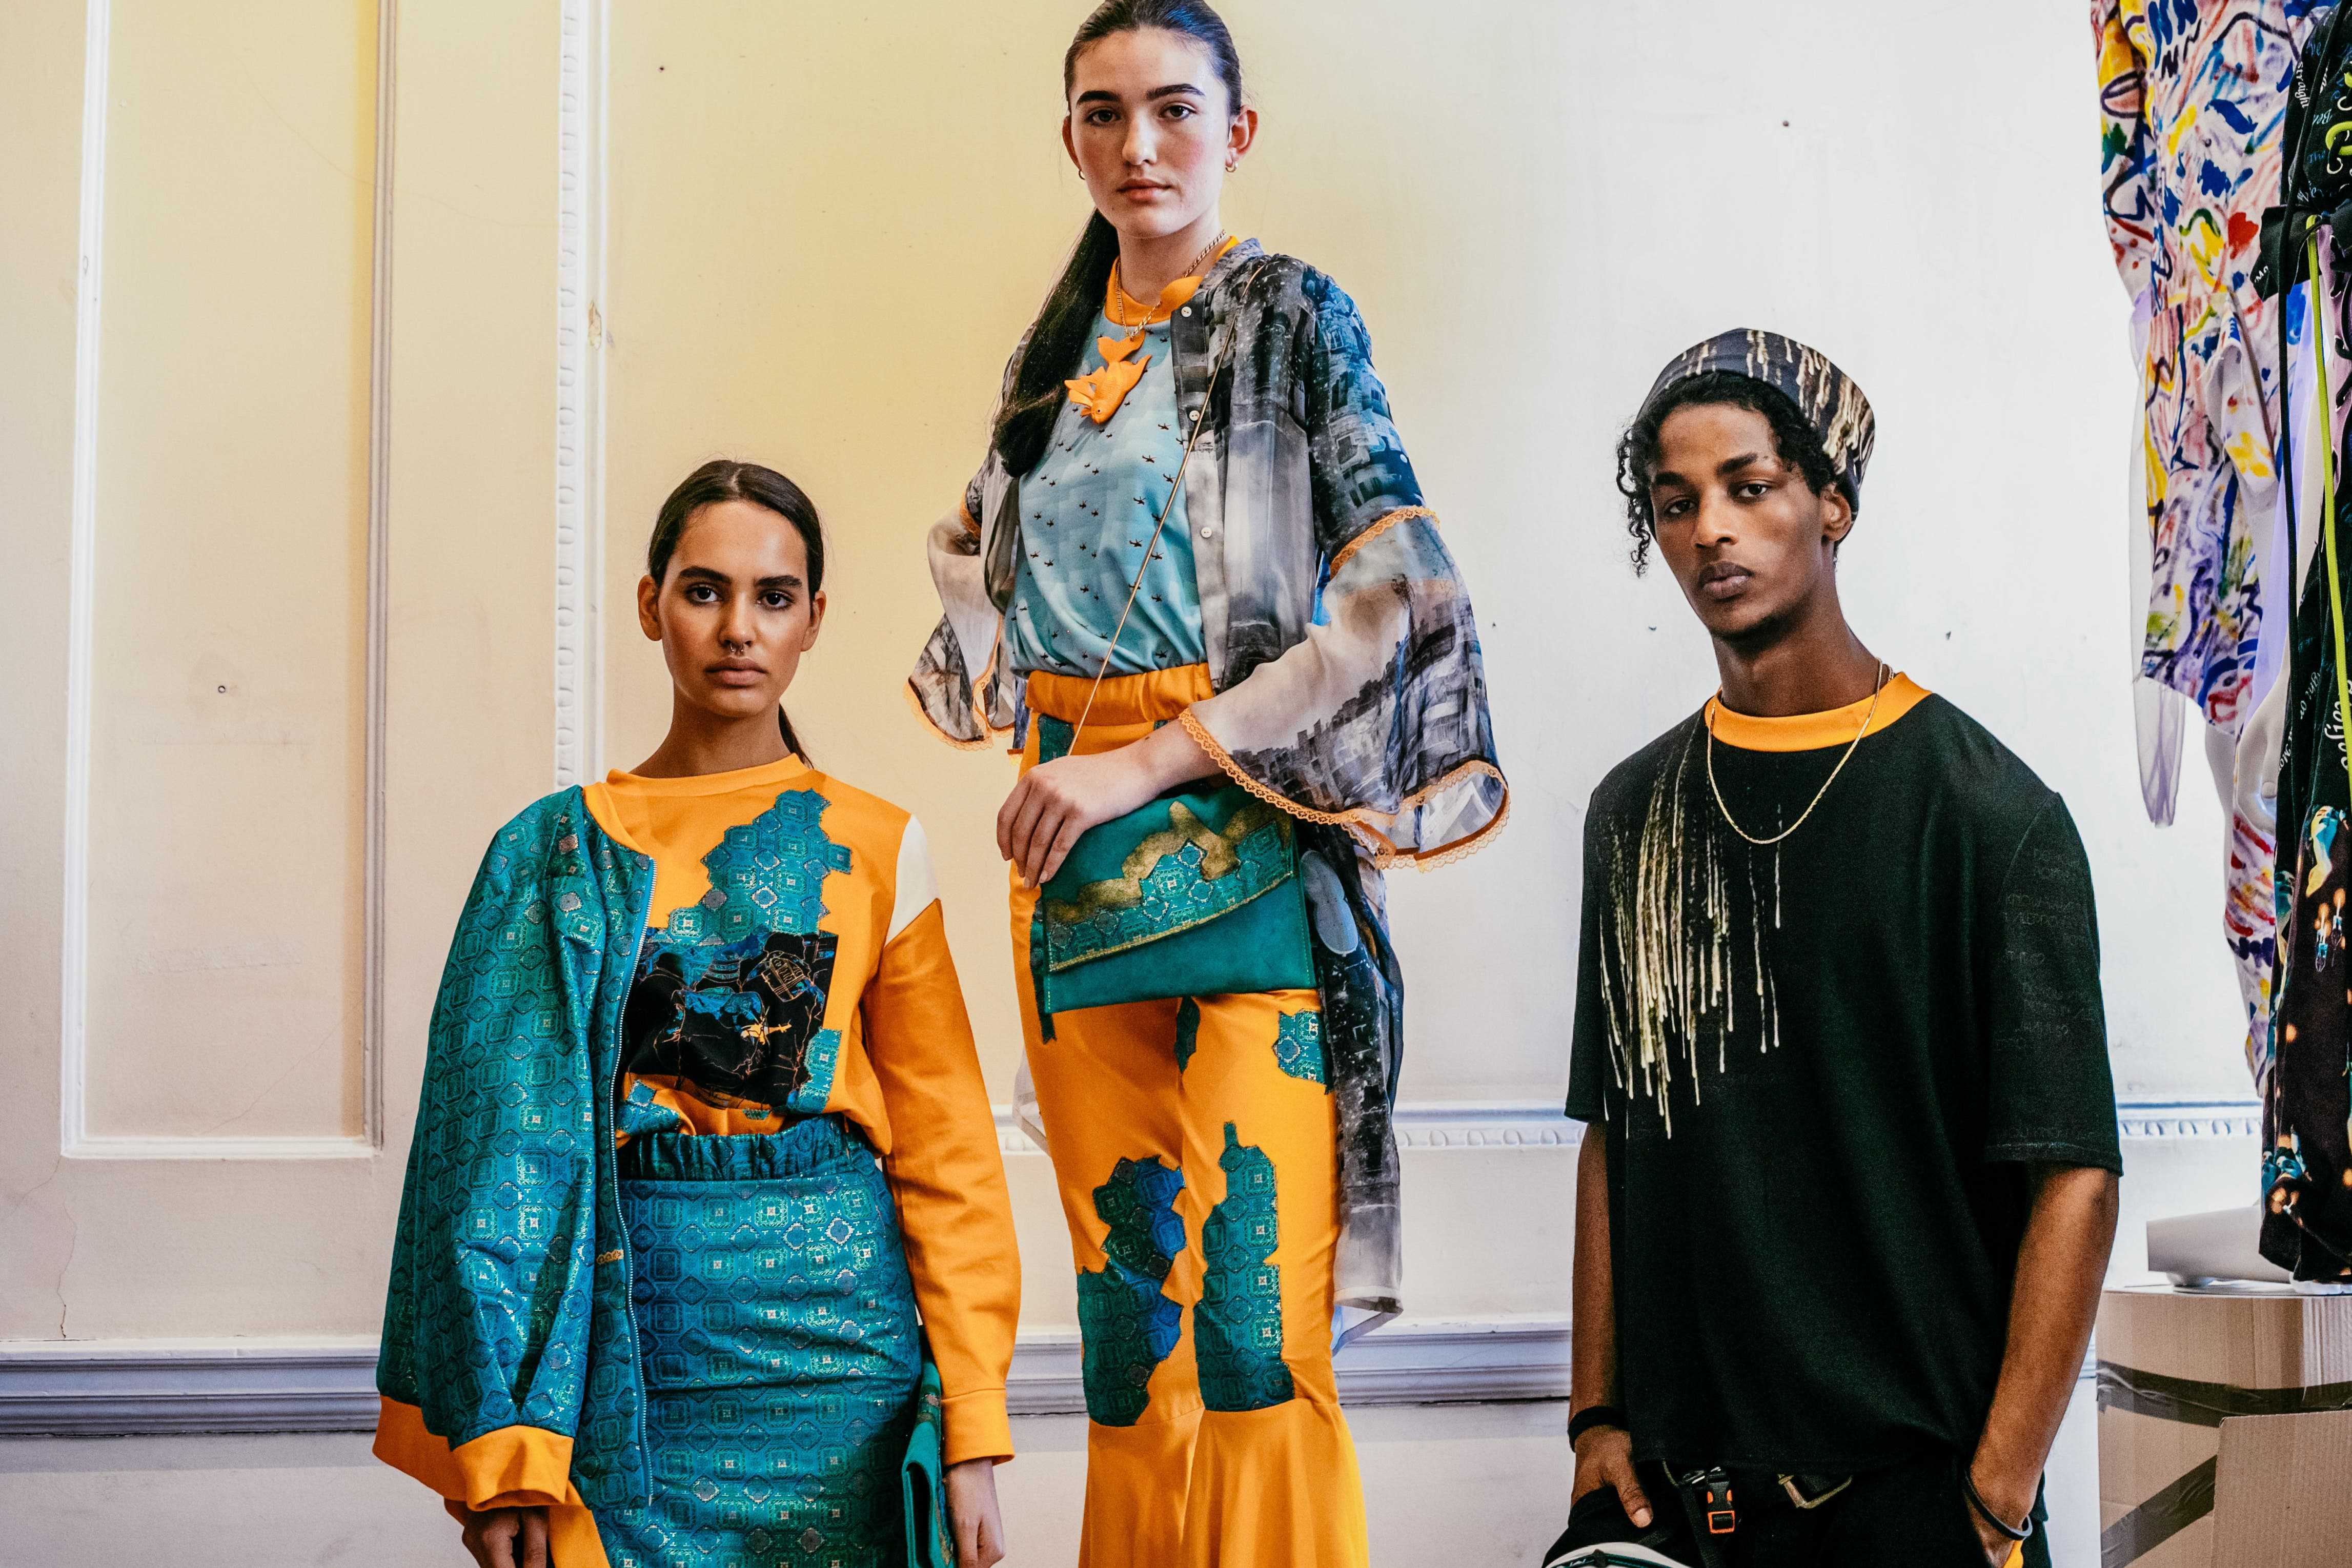 In ihrer neuen Kollektion macht Modedesignerin Ramona Erb auf die Regenwaldbrände im Amazonasgebiet aufmerksam.